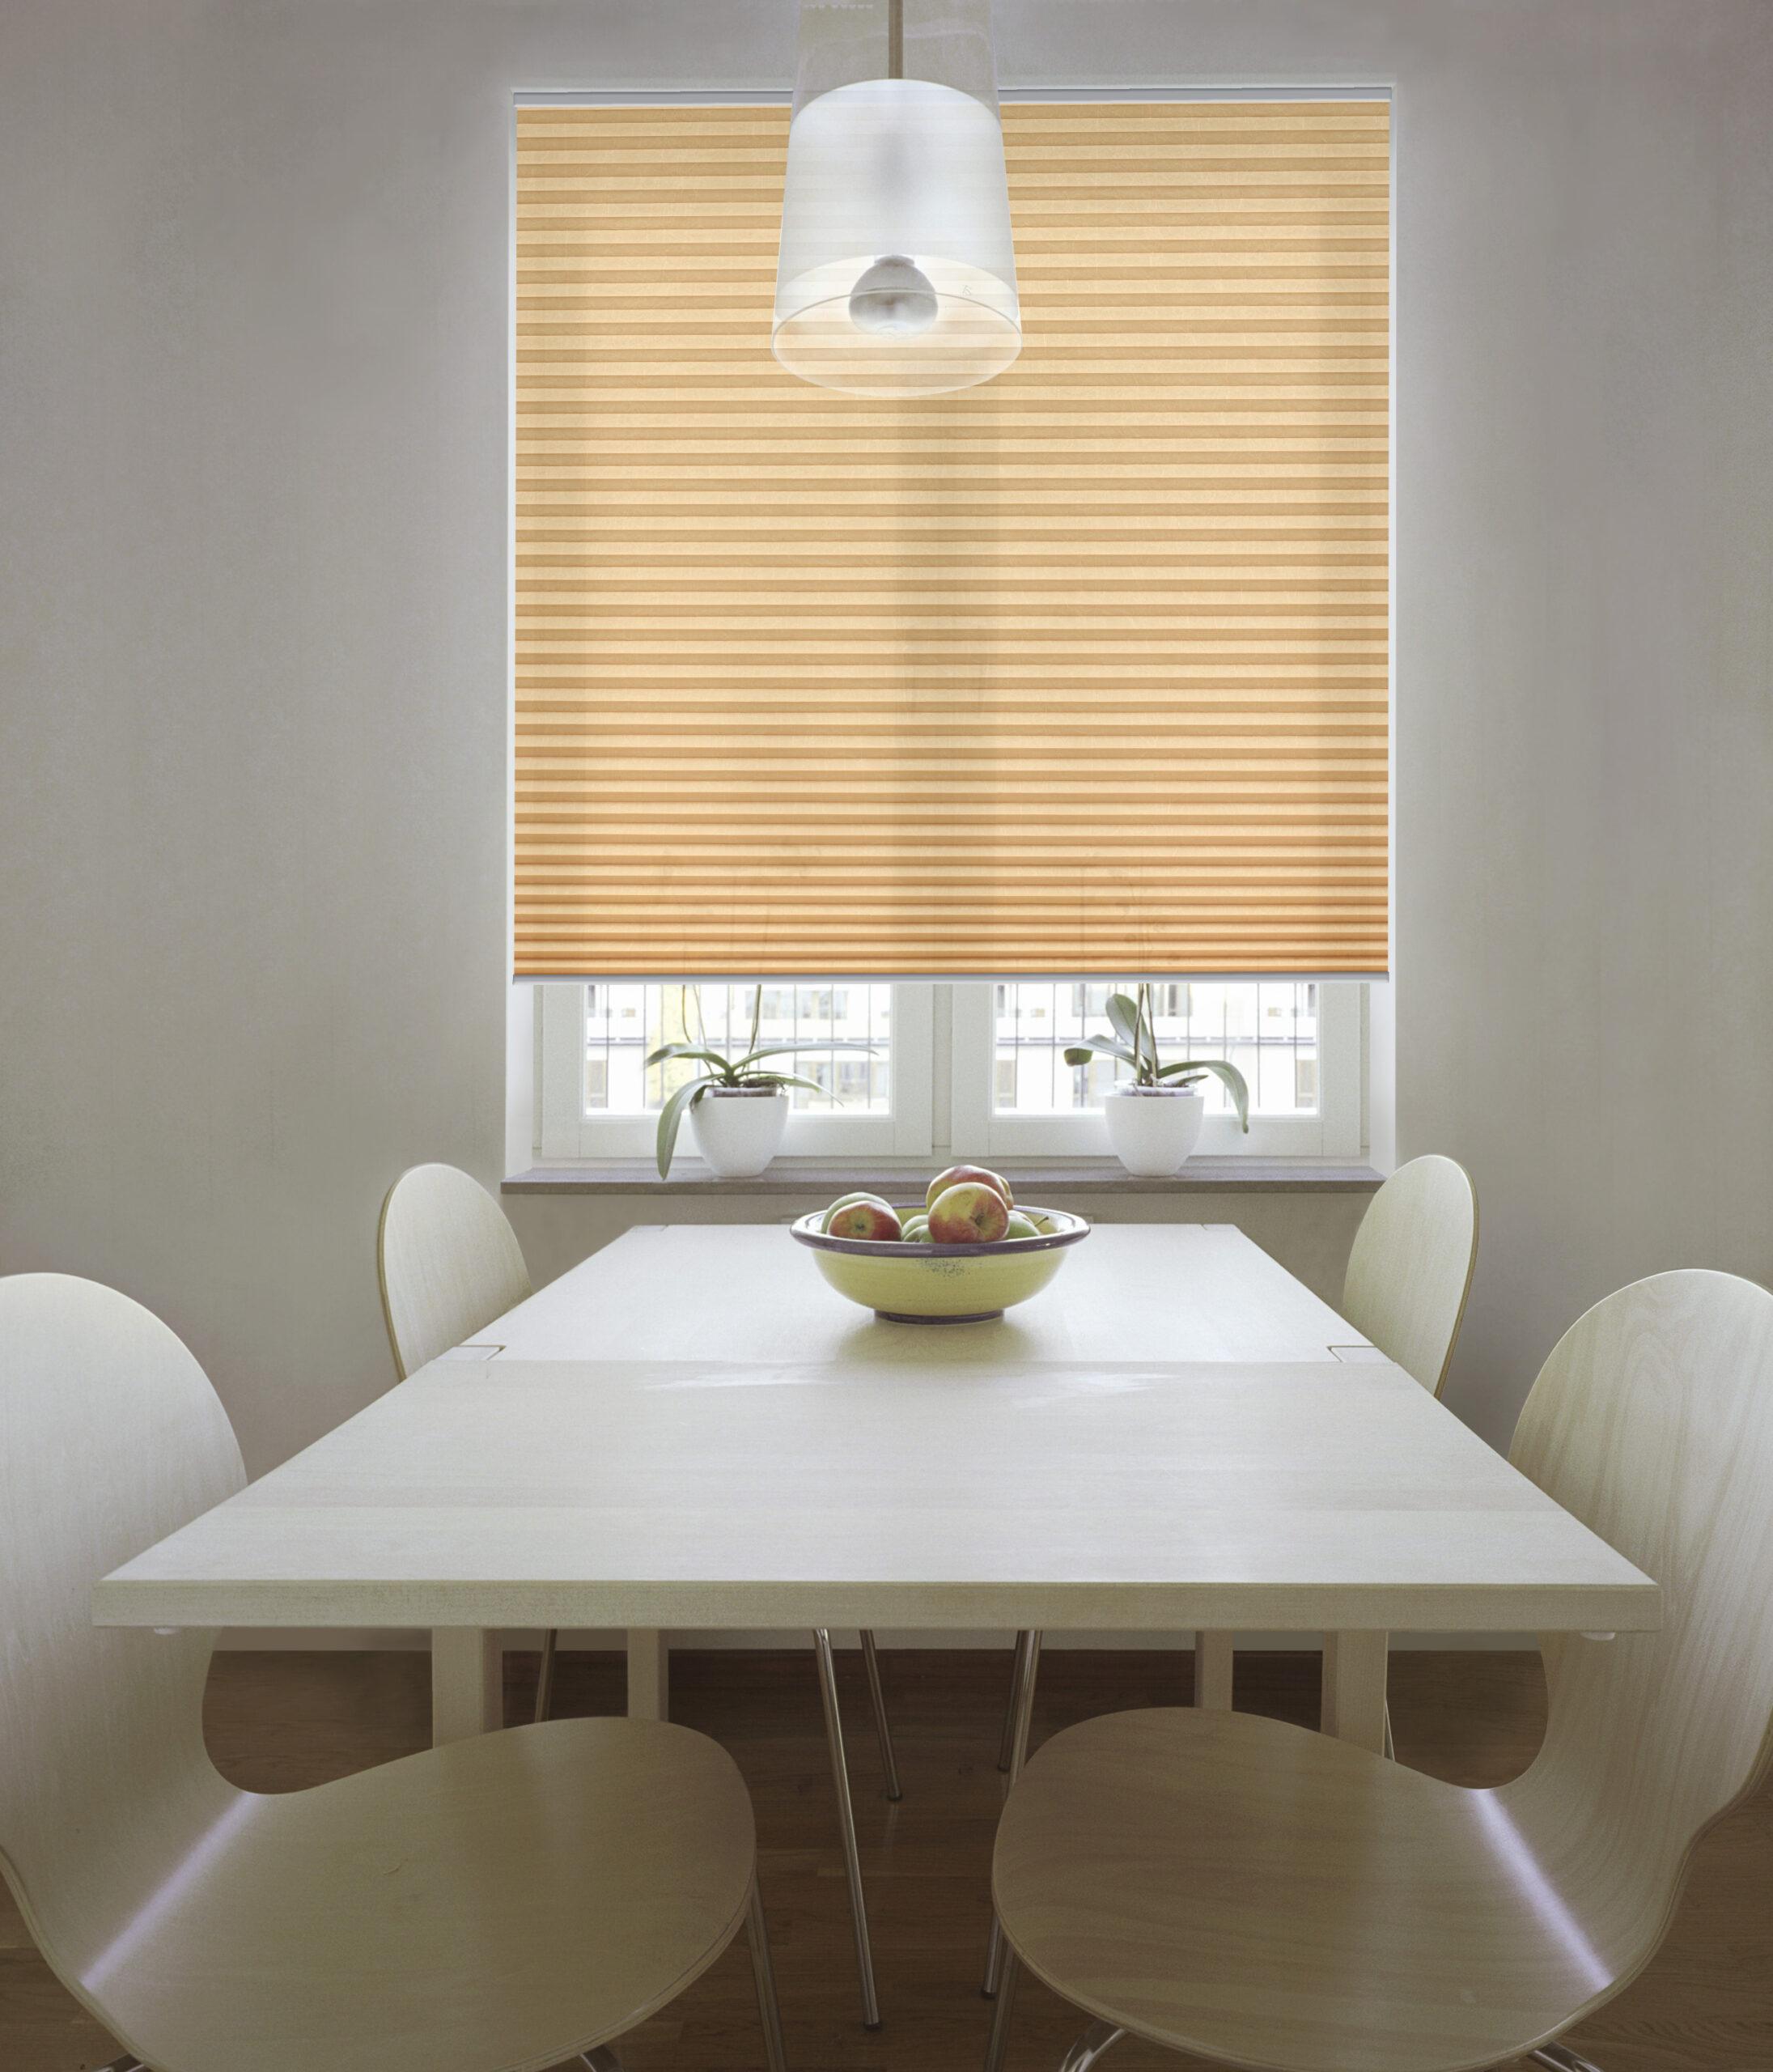 Hochwertiger Sonnenschutz, Sichtschutz und Lichtschutz - Oranges Plissee - Plisseerollo - Dr. Haller + Co. - Selastore®